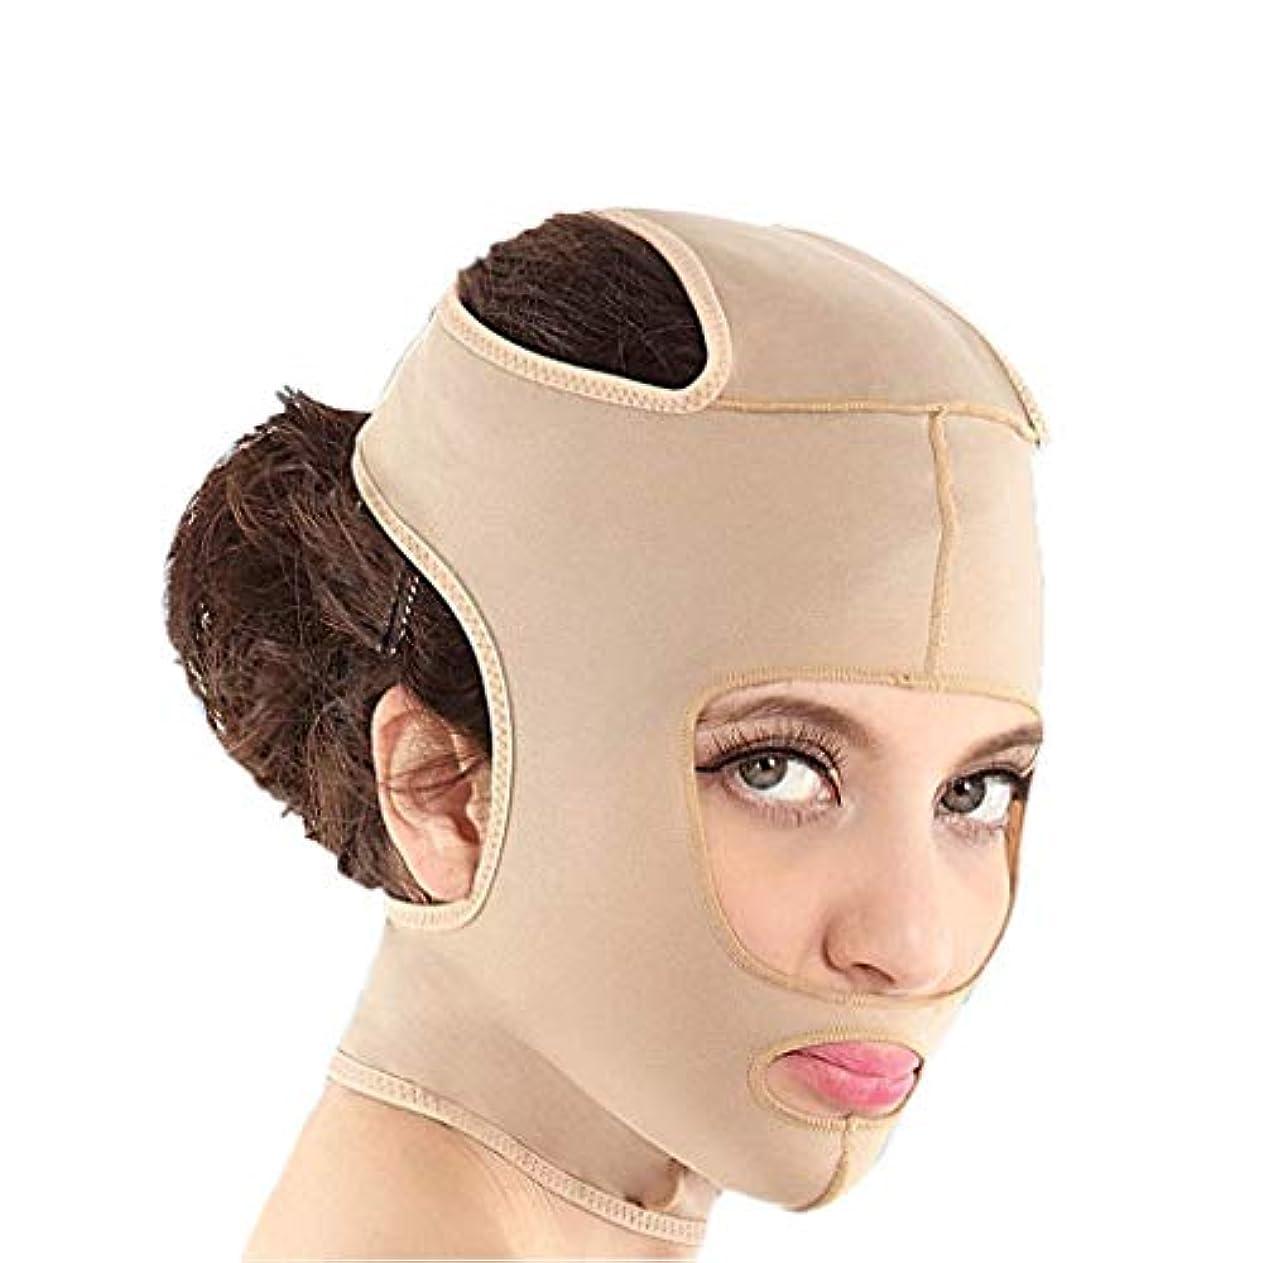 ポーン注文トーストフェイスリフティングマスク、リフティングスキンリンクルシンダブルチンシンフェイスバンデージオブスキンサギング(サイズ:Xl)